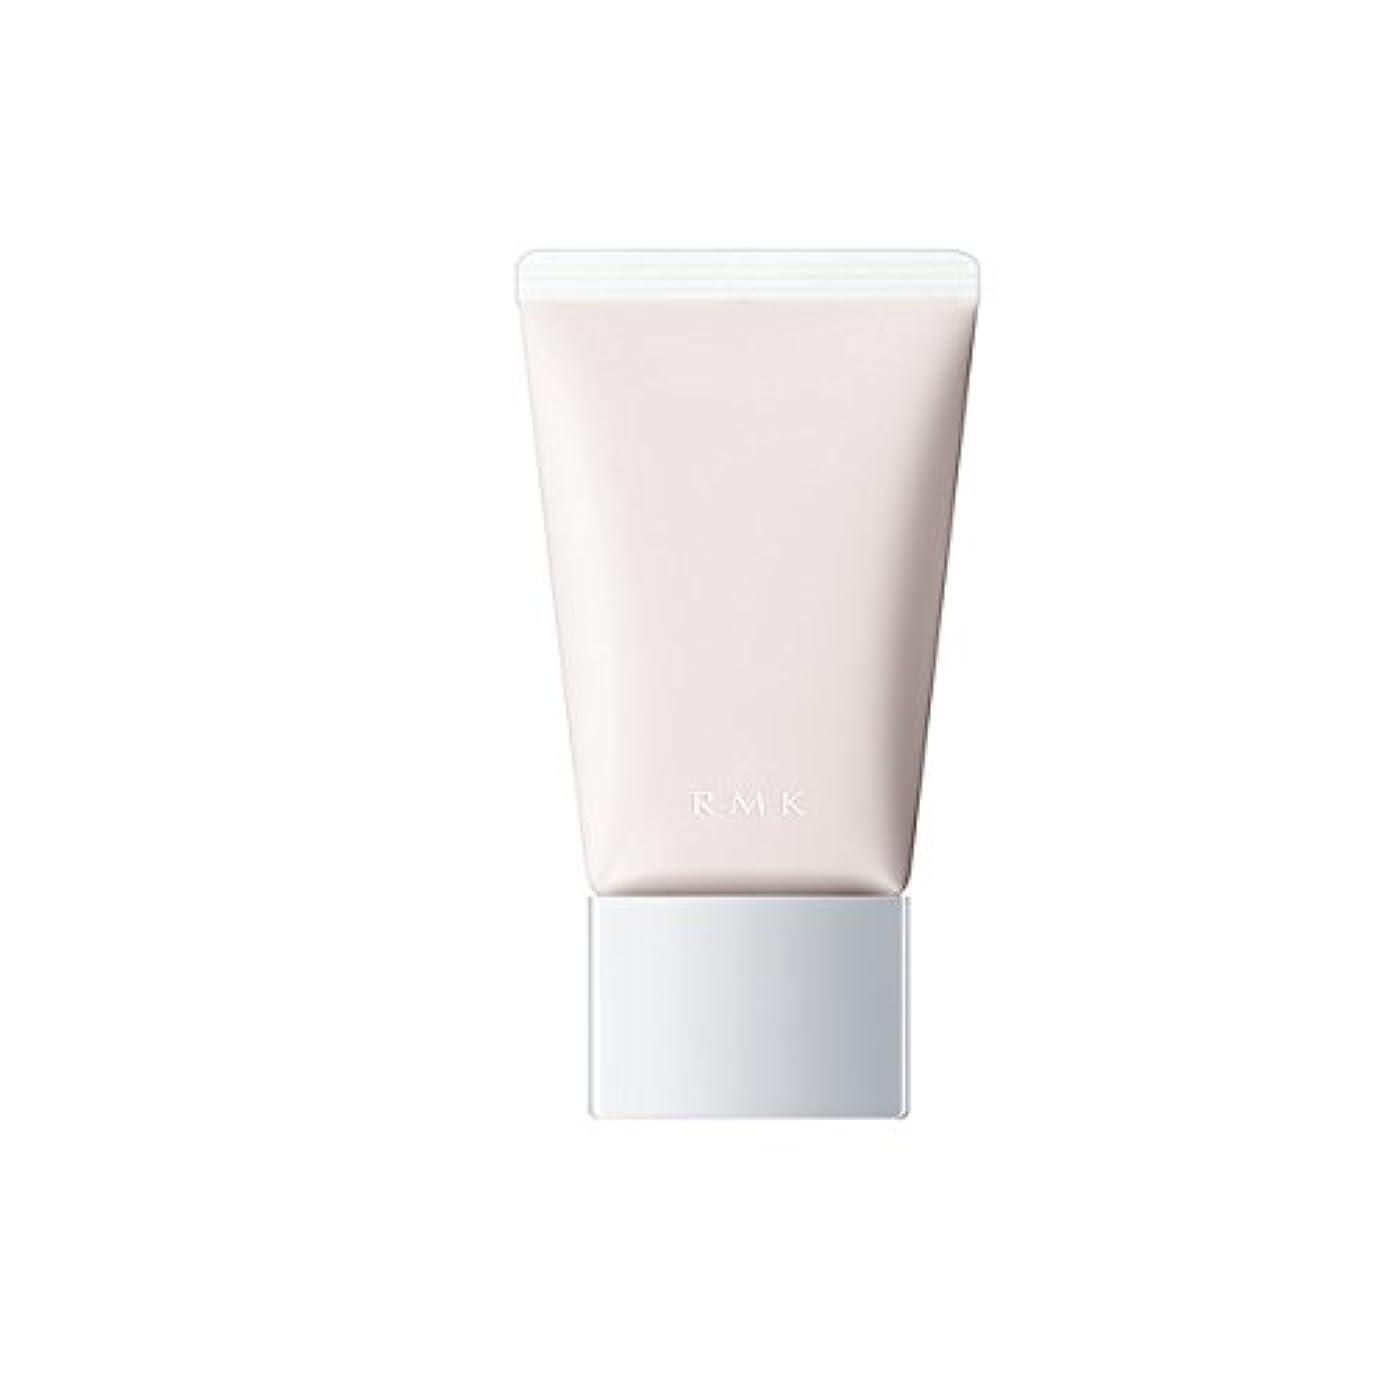 住む乳製品叫び声RMK(アールエムケー) RMK ベーシック コントロールカラー N (02 パープル(SPF13/PA+):透明感をアップさせます。)